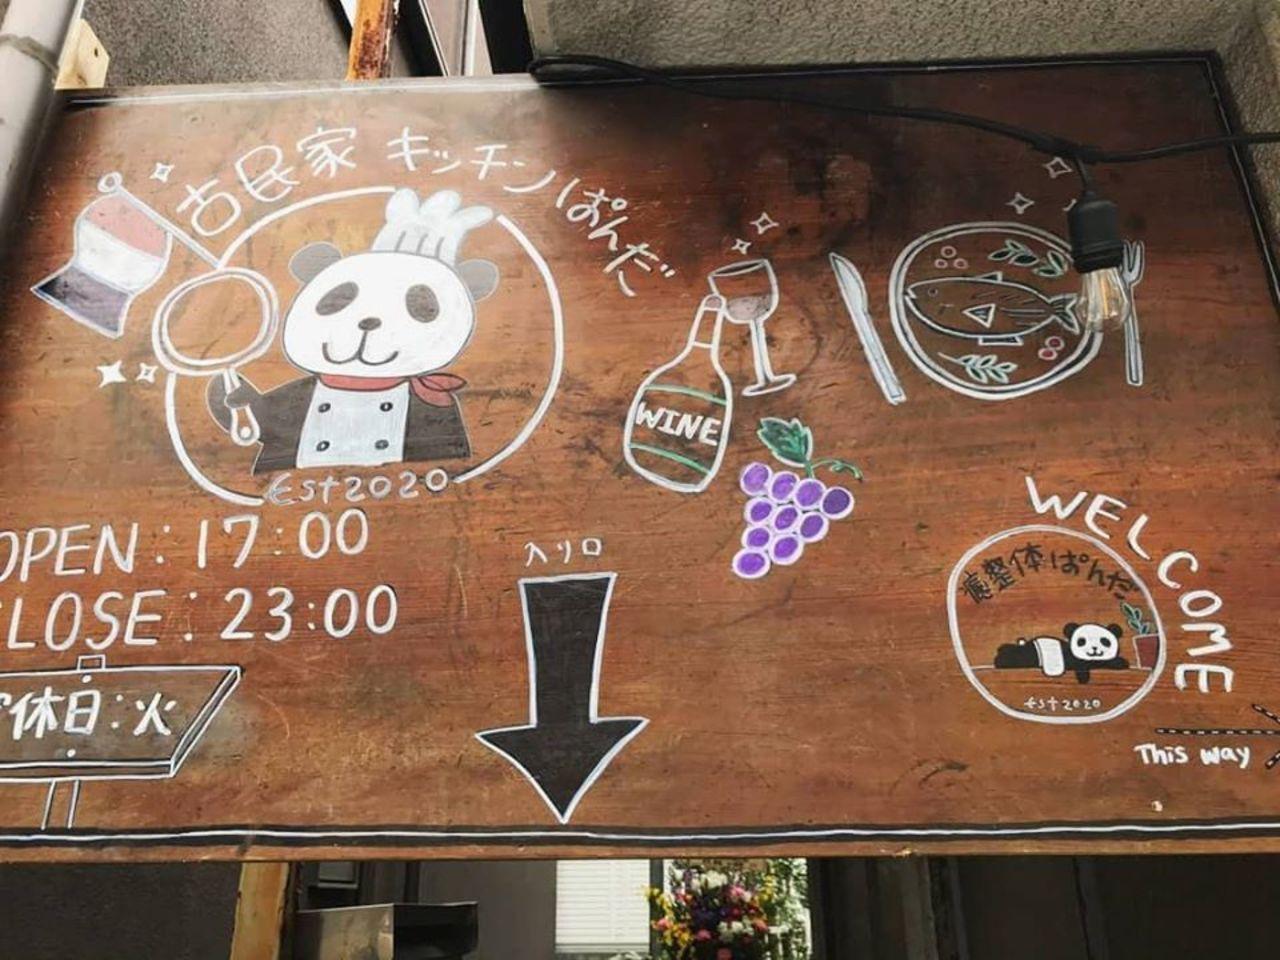 笑顔になれる空間。。東京都国分寺市本多4丁目に『古民家キッチンぱんだ』2/1グランドオープン